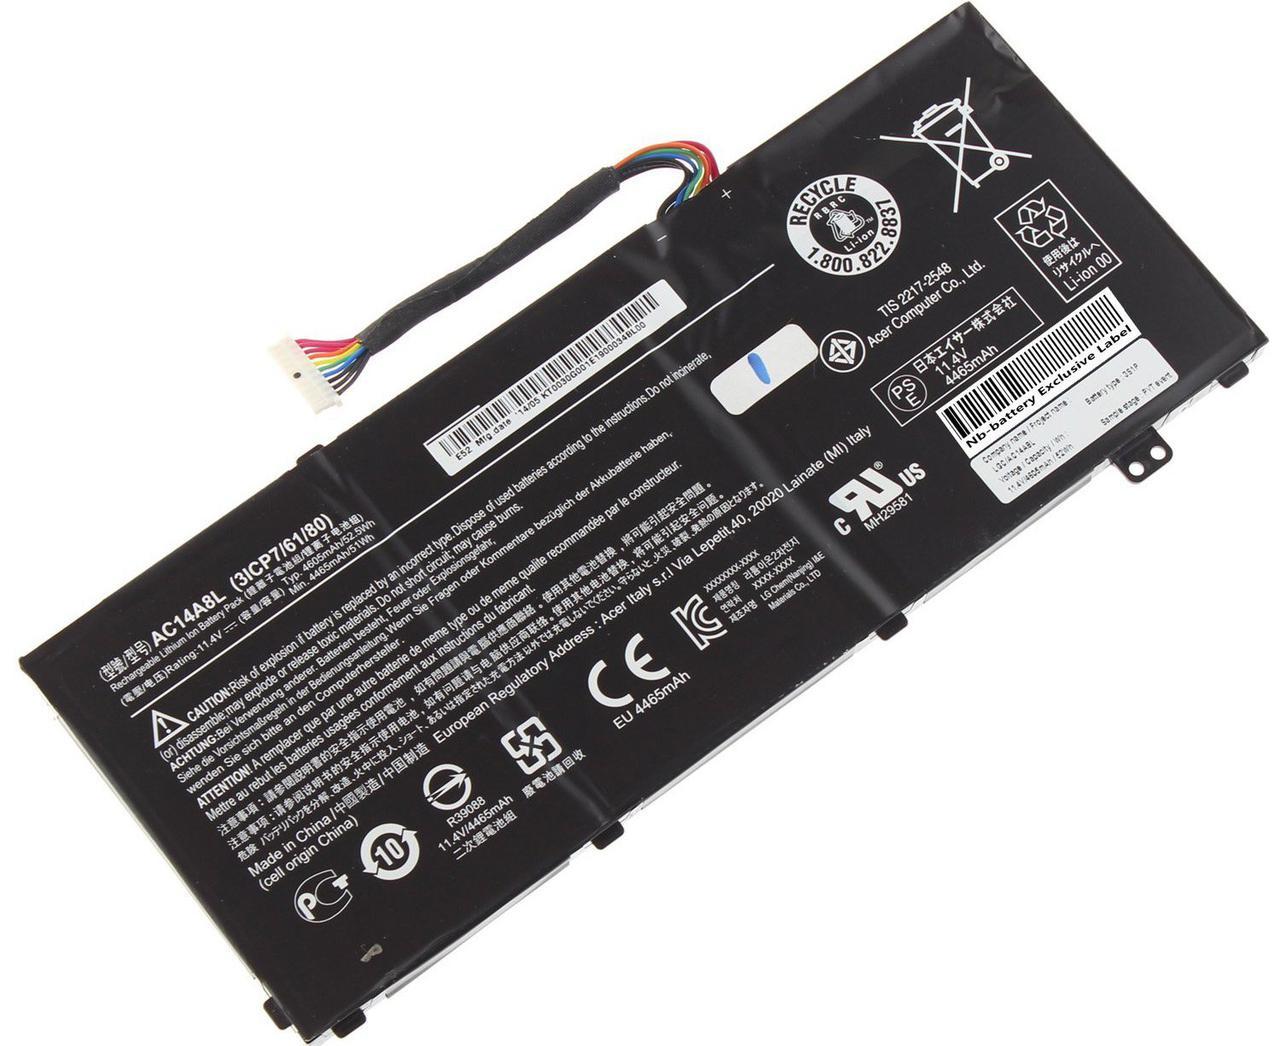 Аккумулятор Acer AC14A8L 11.4V 4465mAh 51Wh V15 Nitro Aspire VN7-571 V